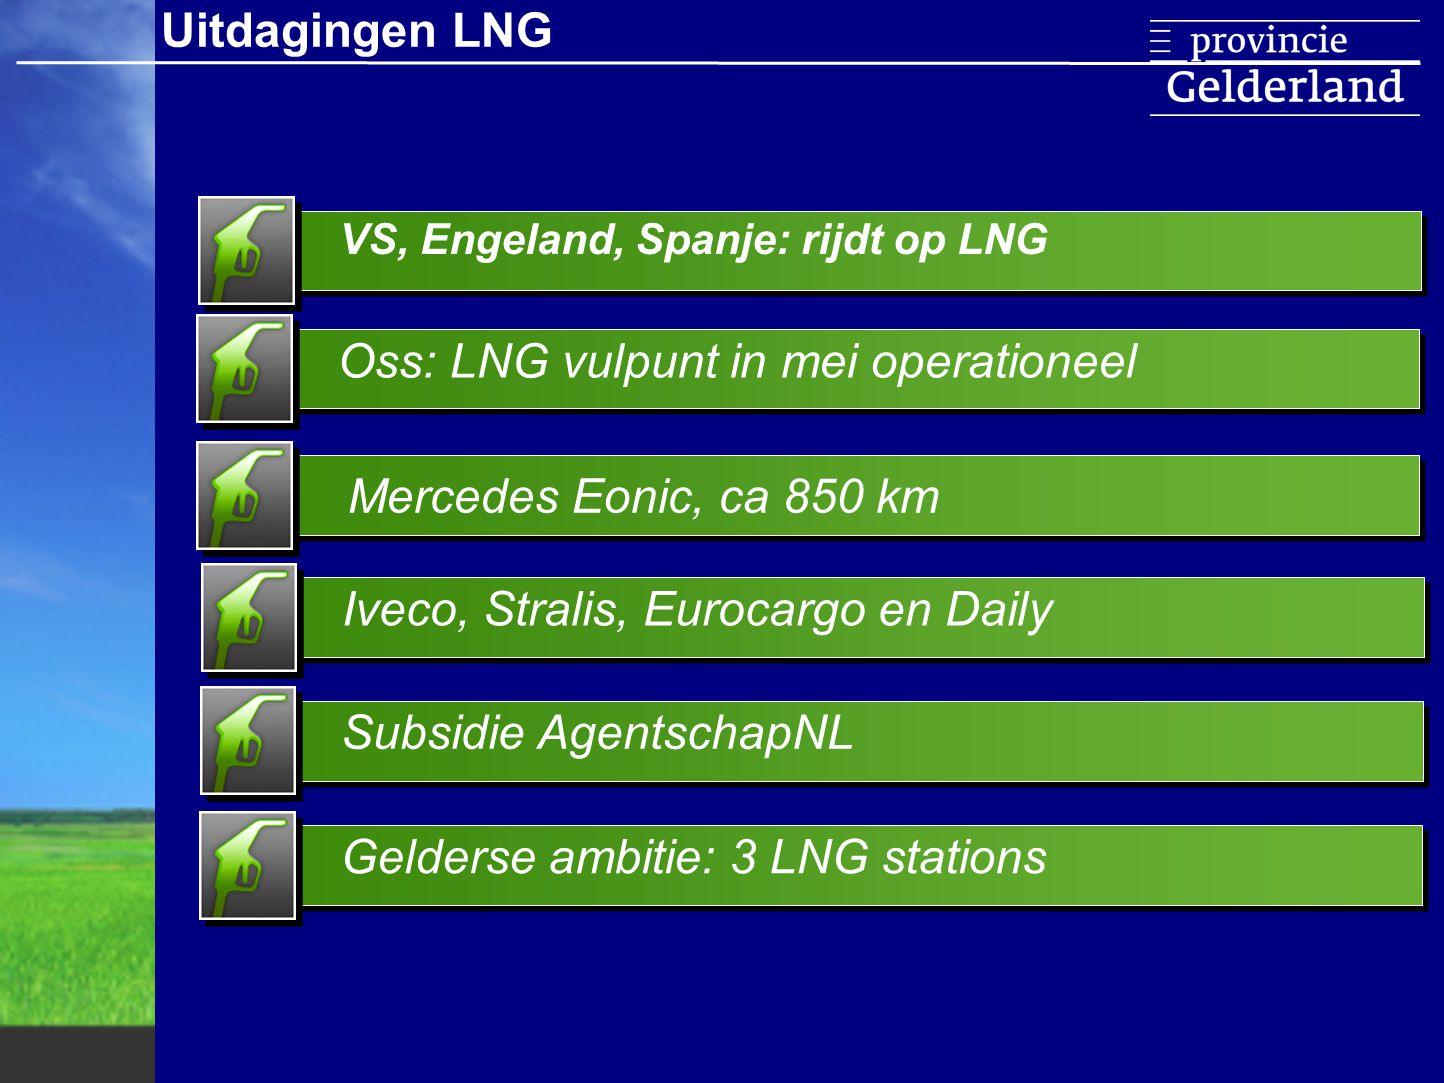 Oss: LNG vulpunt in mei operationeel